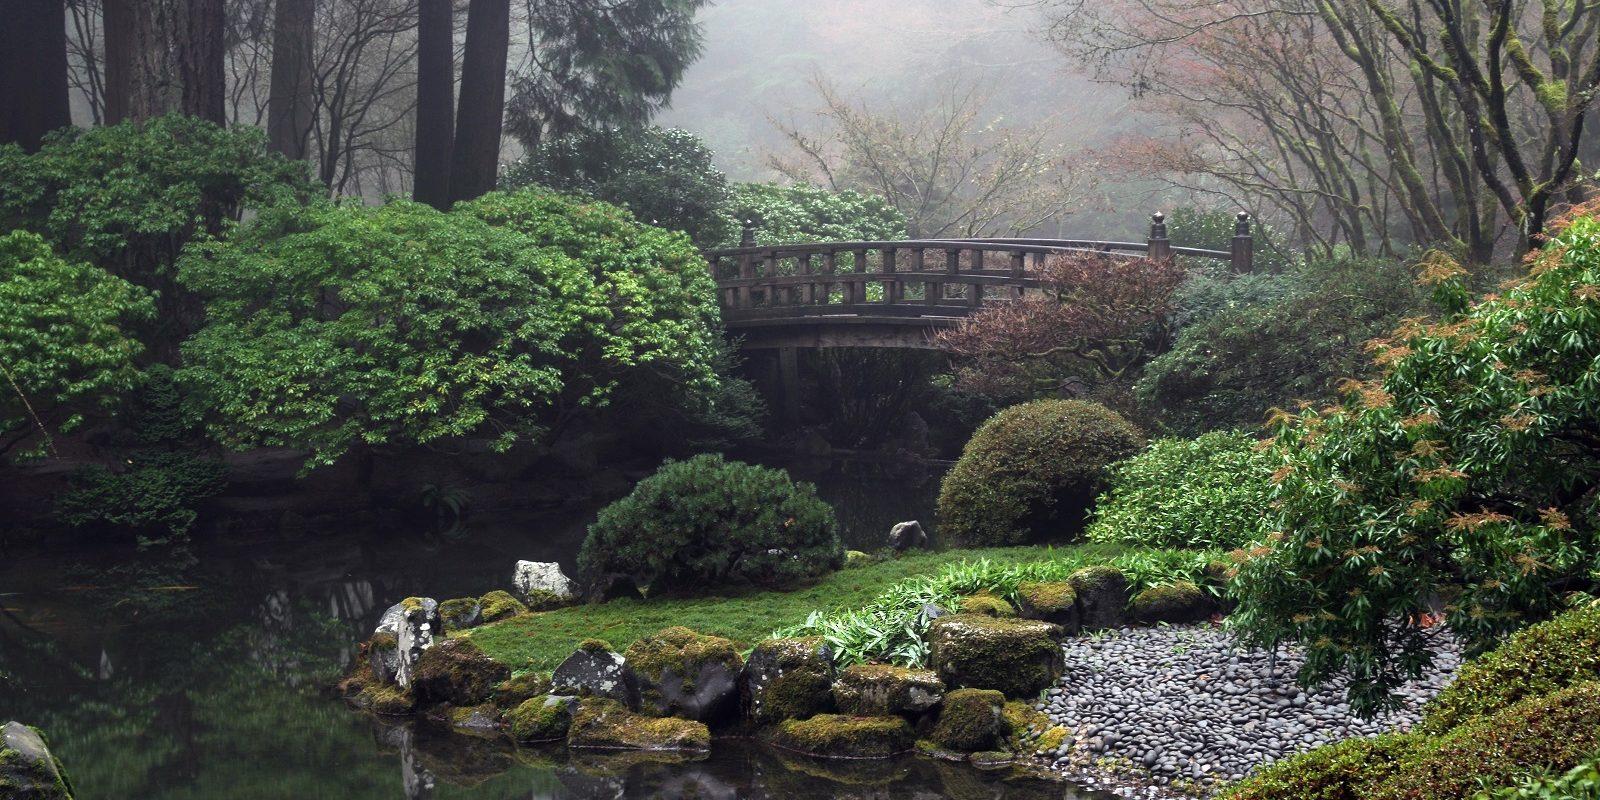 Winter Reveals The Bones Of The Garden Portland Japanese Garden